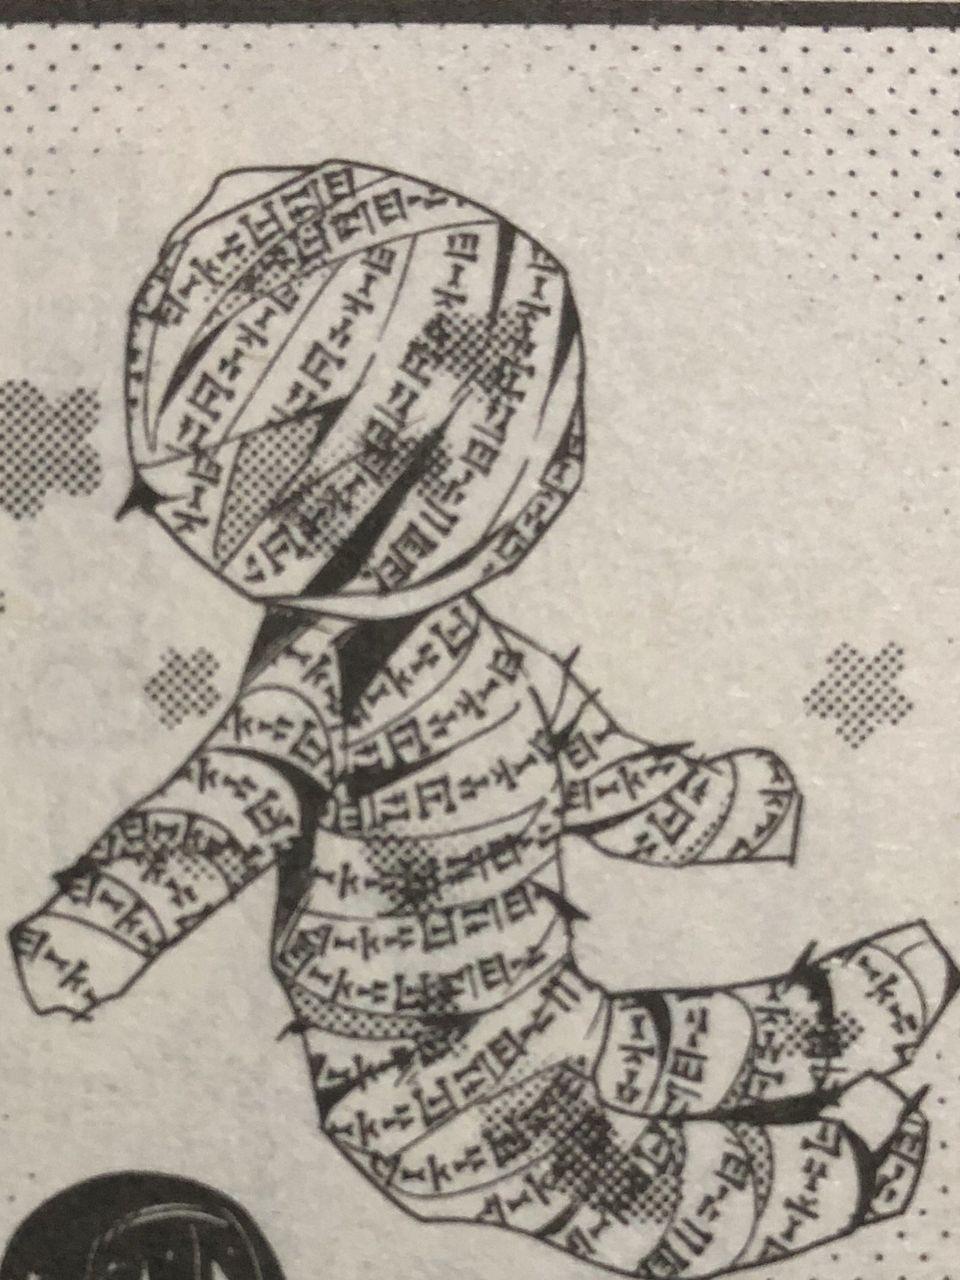 まちカドまぞく』考察/Carat2018年11月号  炭酸欠乏症